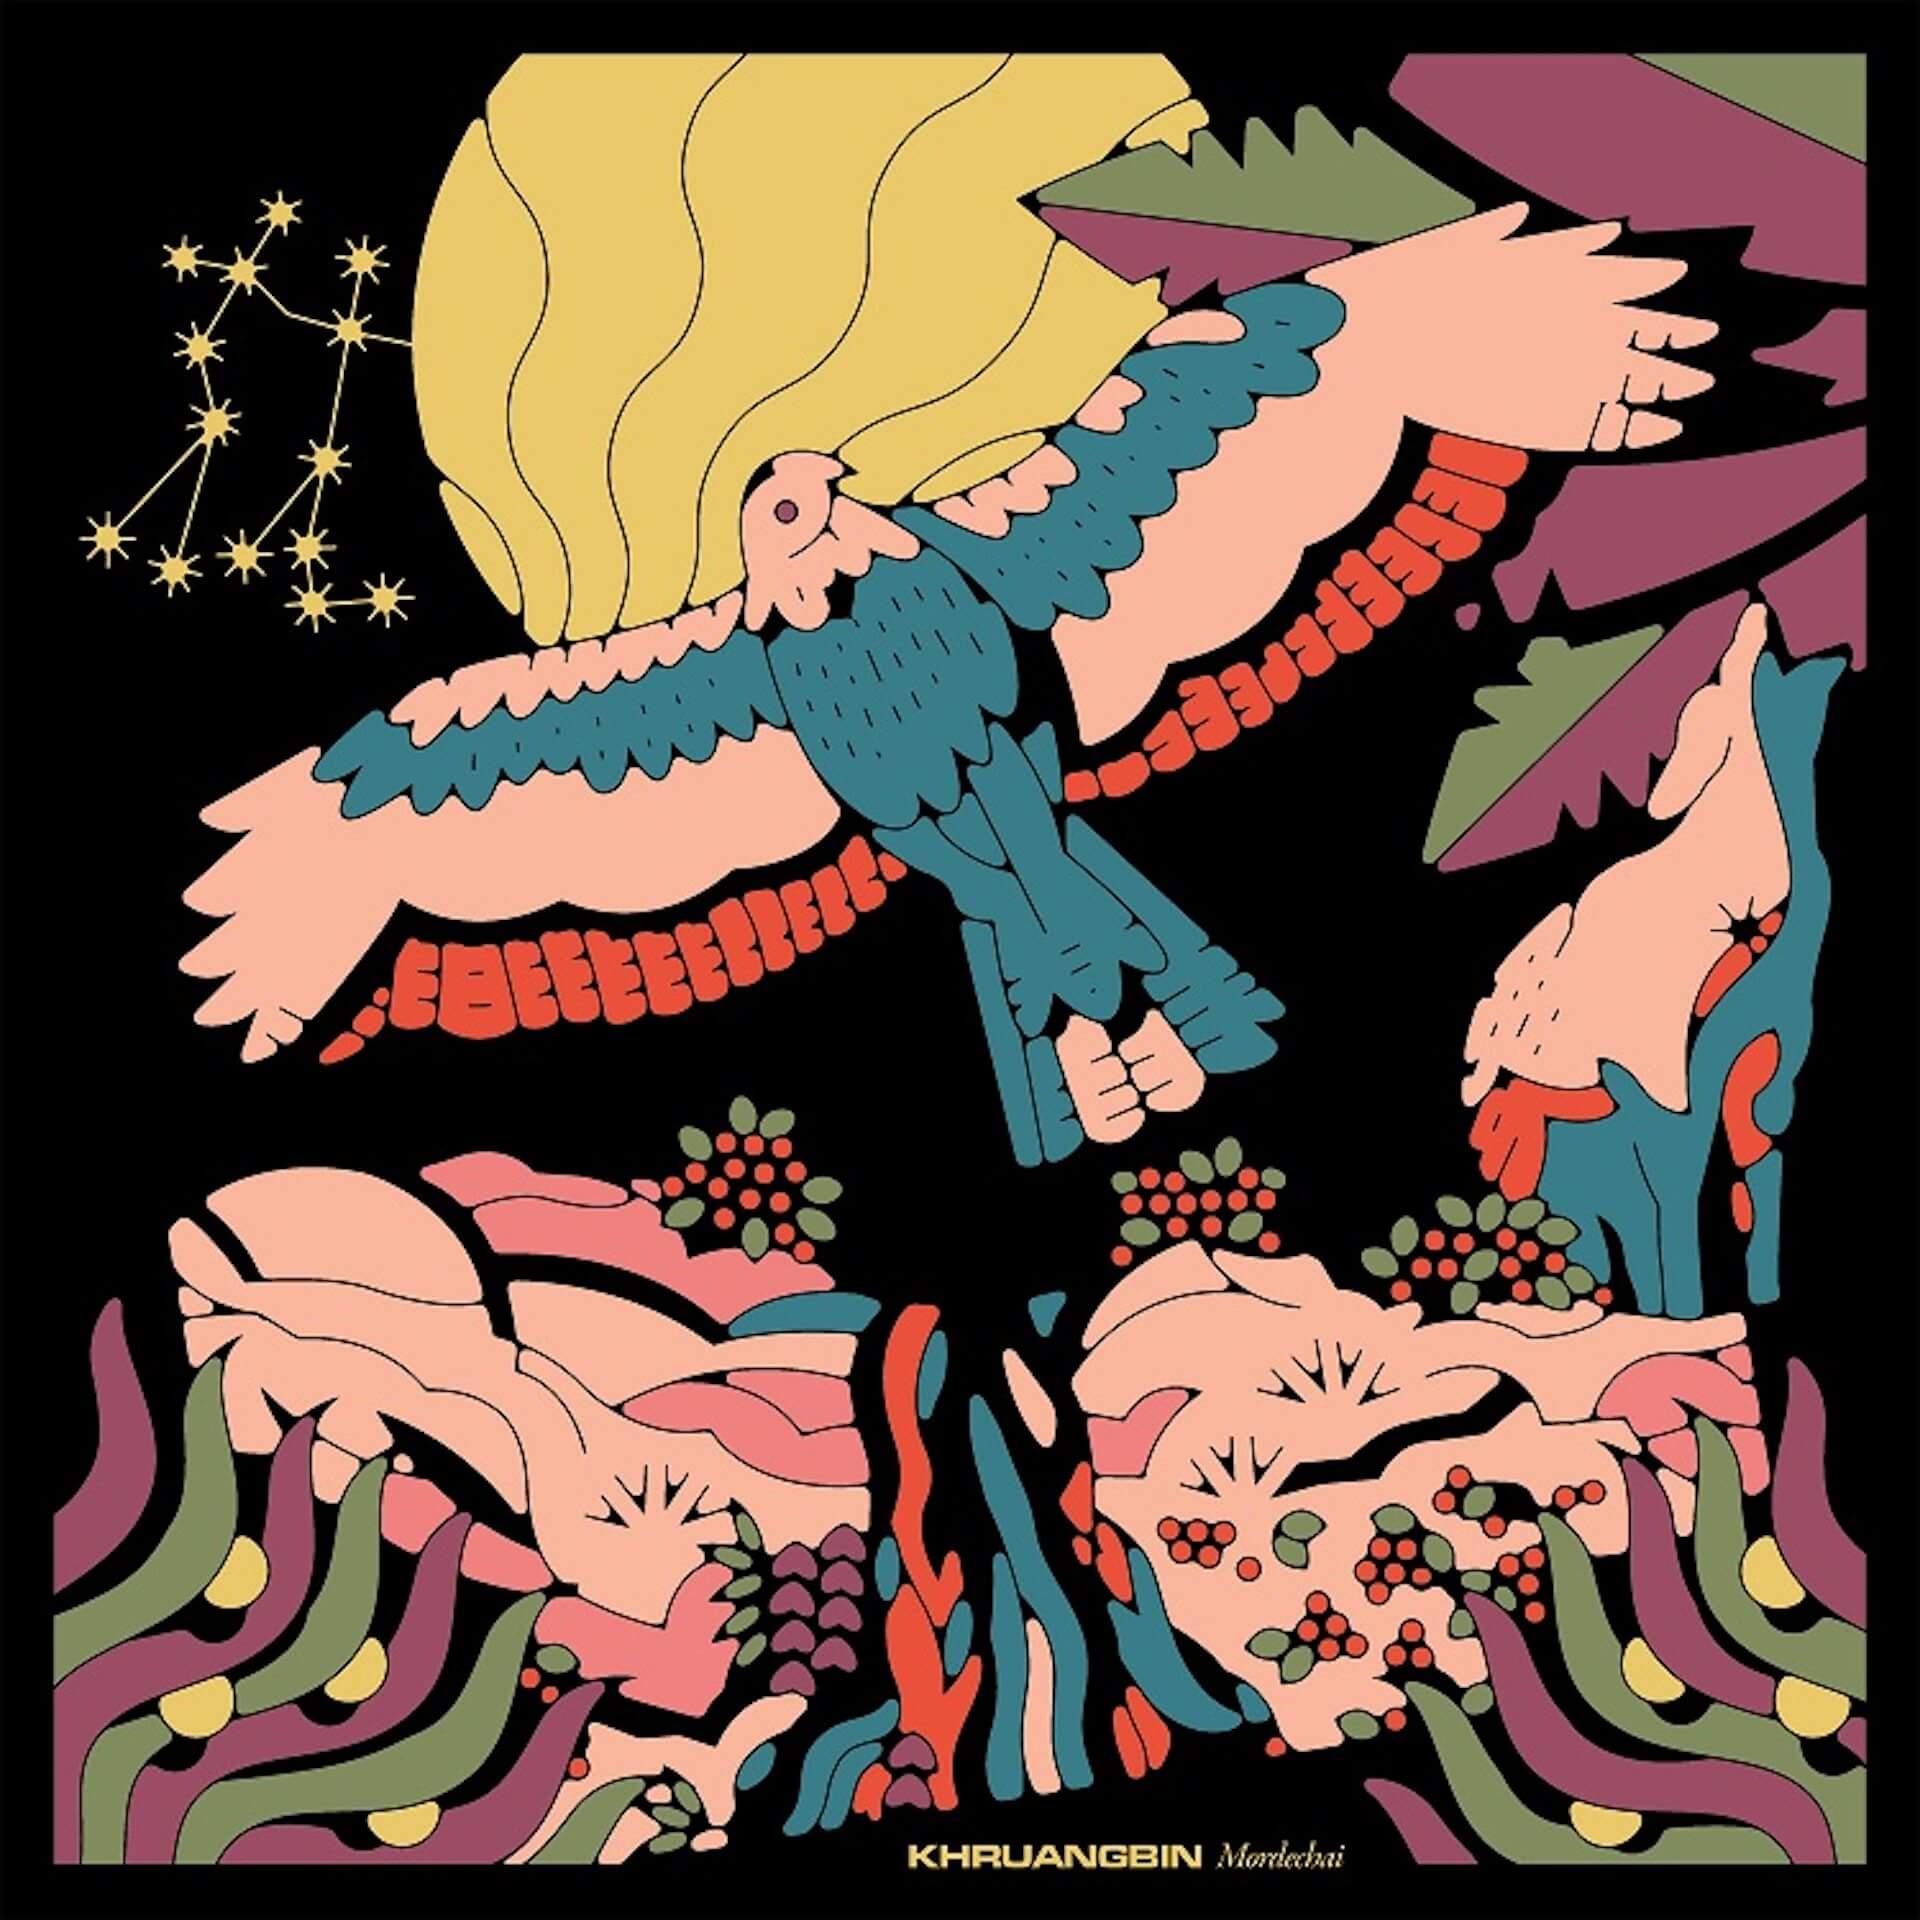 """Khruangbinが2年ぶりのニューアルバム『MORDECHAI』より""""Pelota""""のミュージックビデオを公開! music200617_khruangbin_mv_01"""